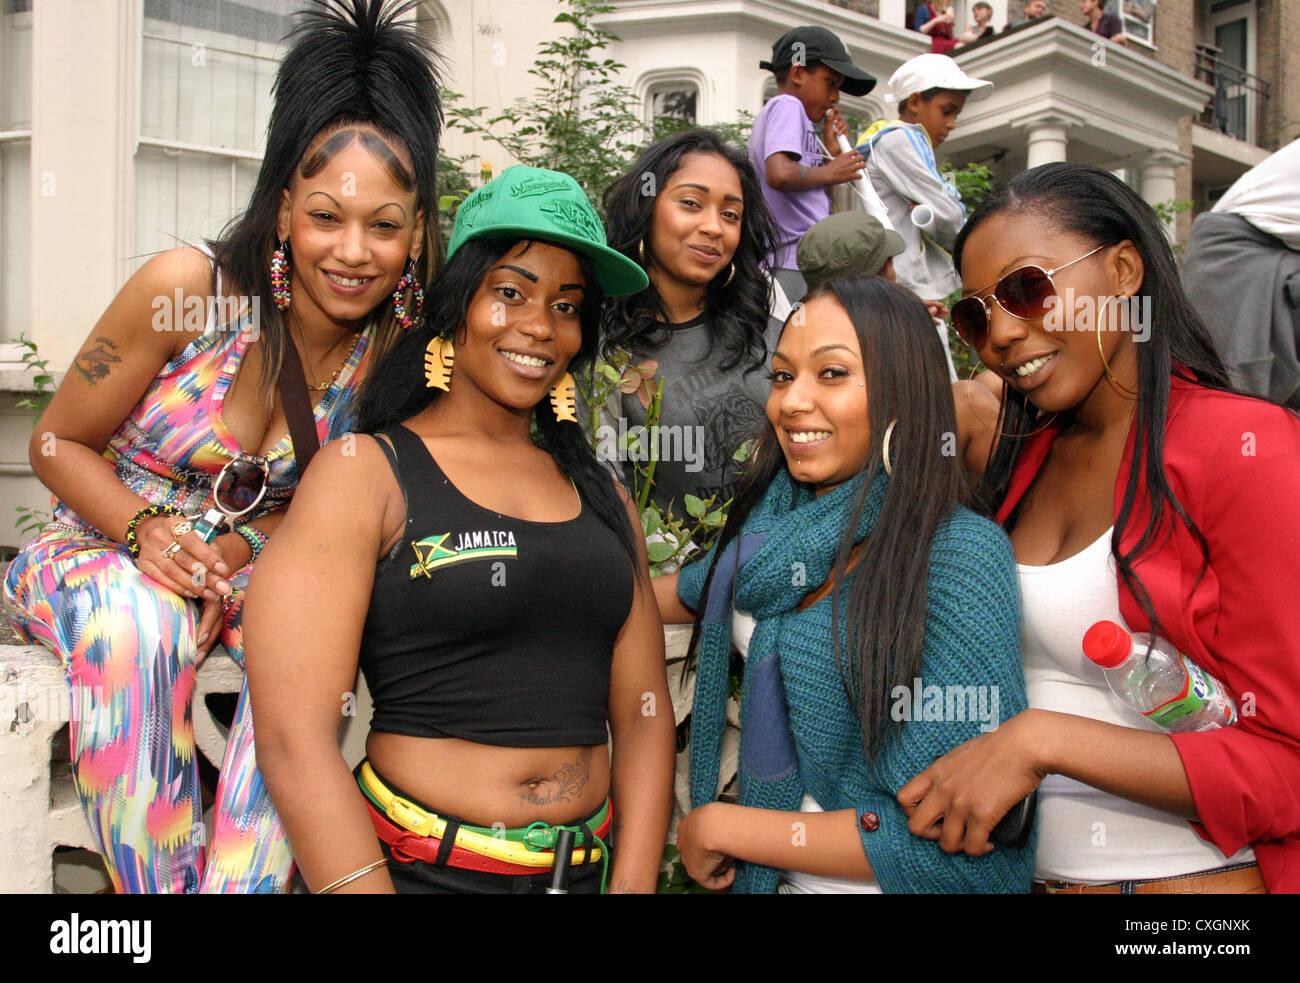 Un gruppo di afro-caraibica le donne in posa di strada al carnevale di Notting Hill Londra Foto Stock